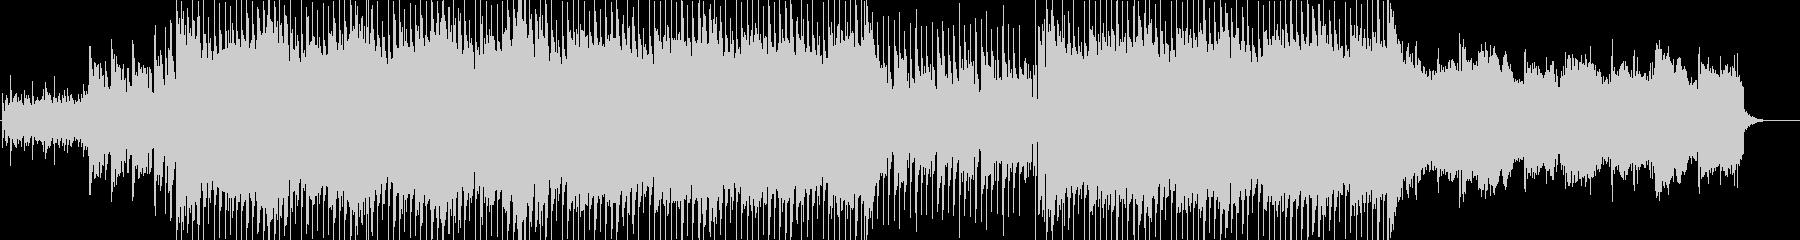 ストリングス&ギターさわやかなEDMの未再生の波形